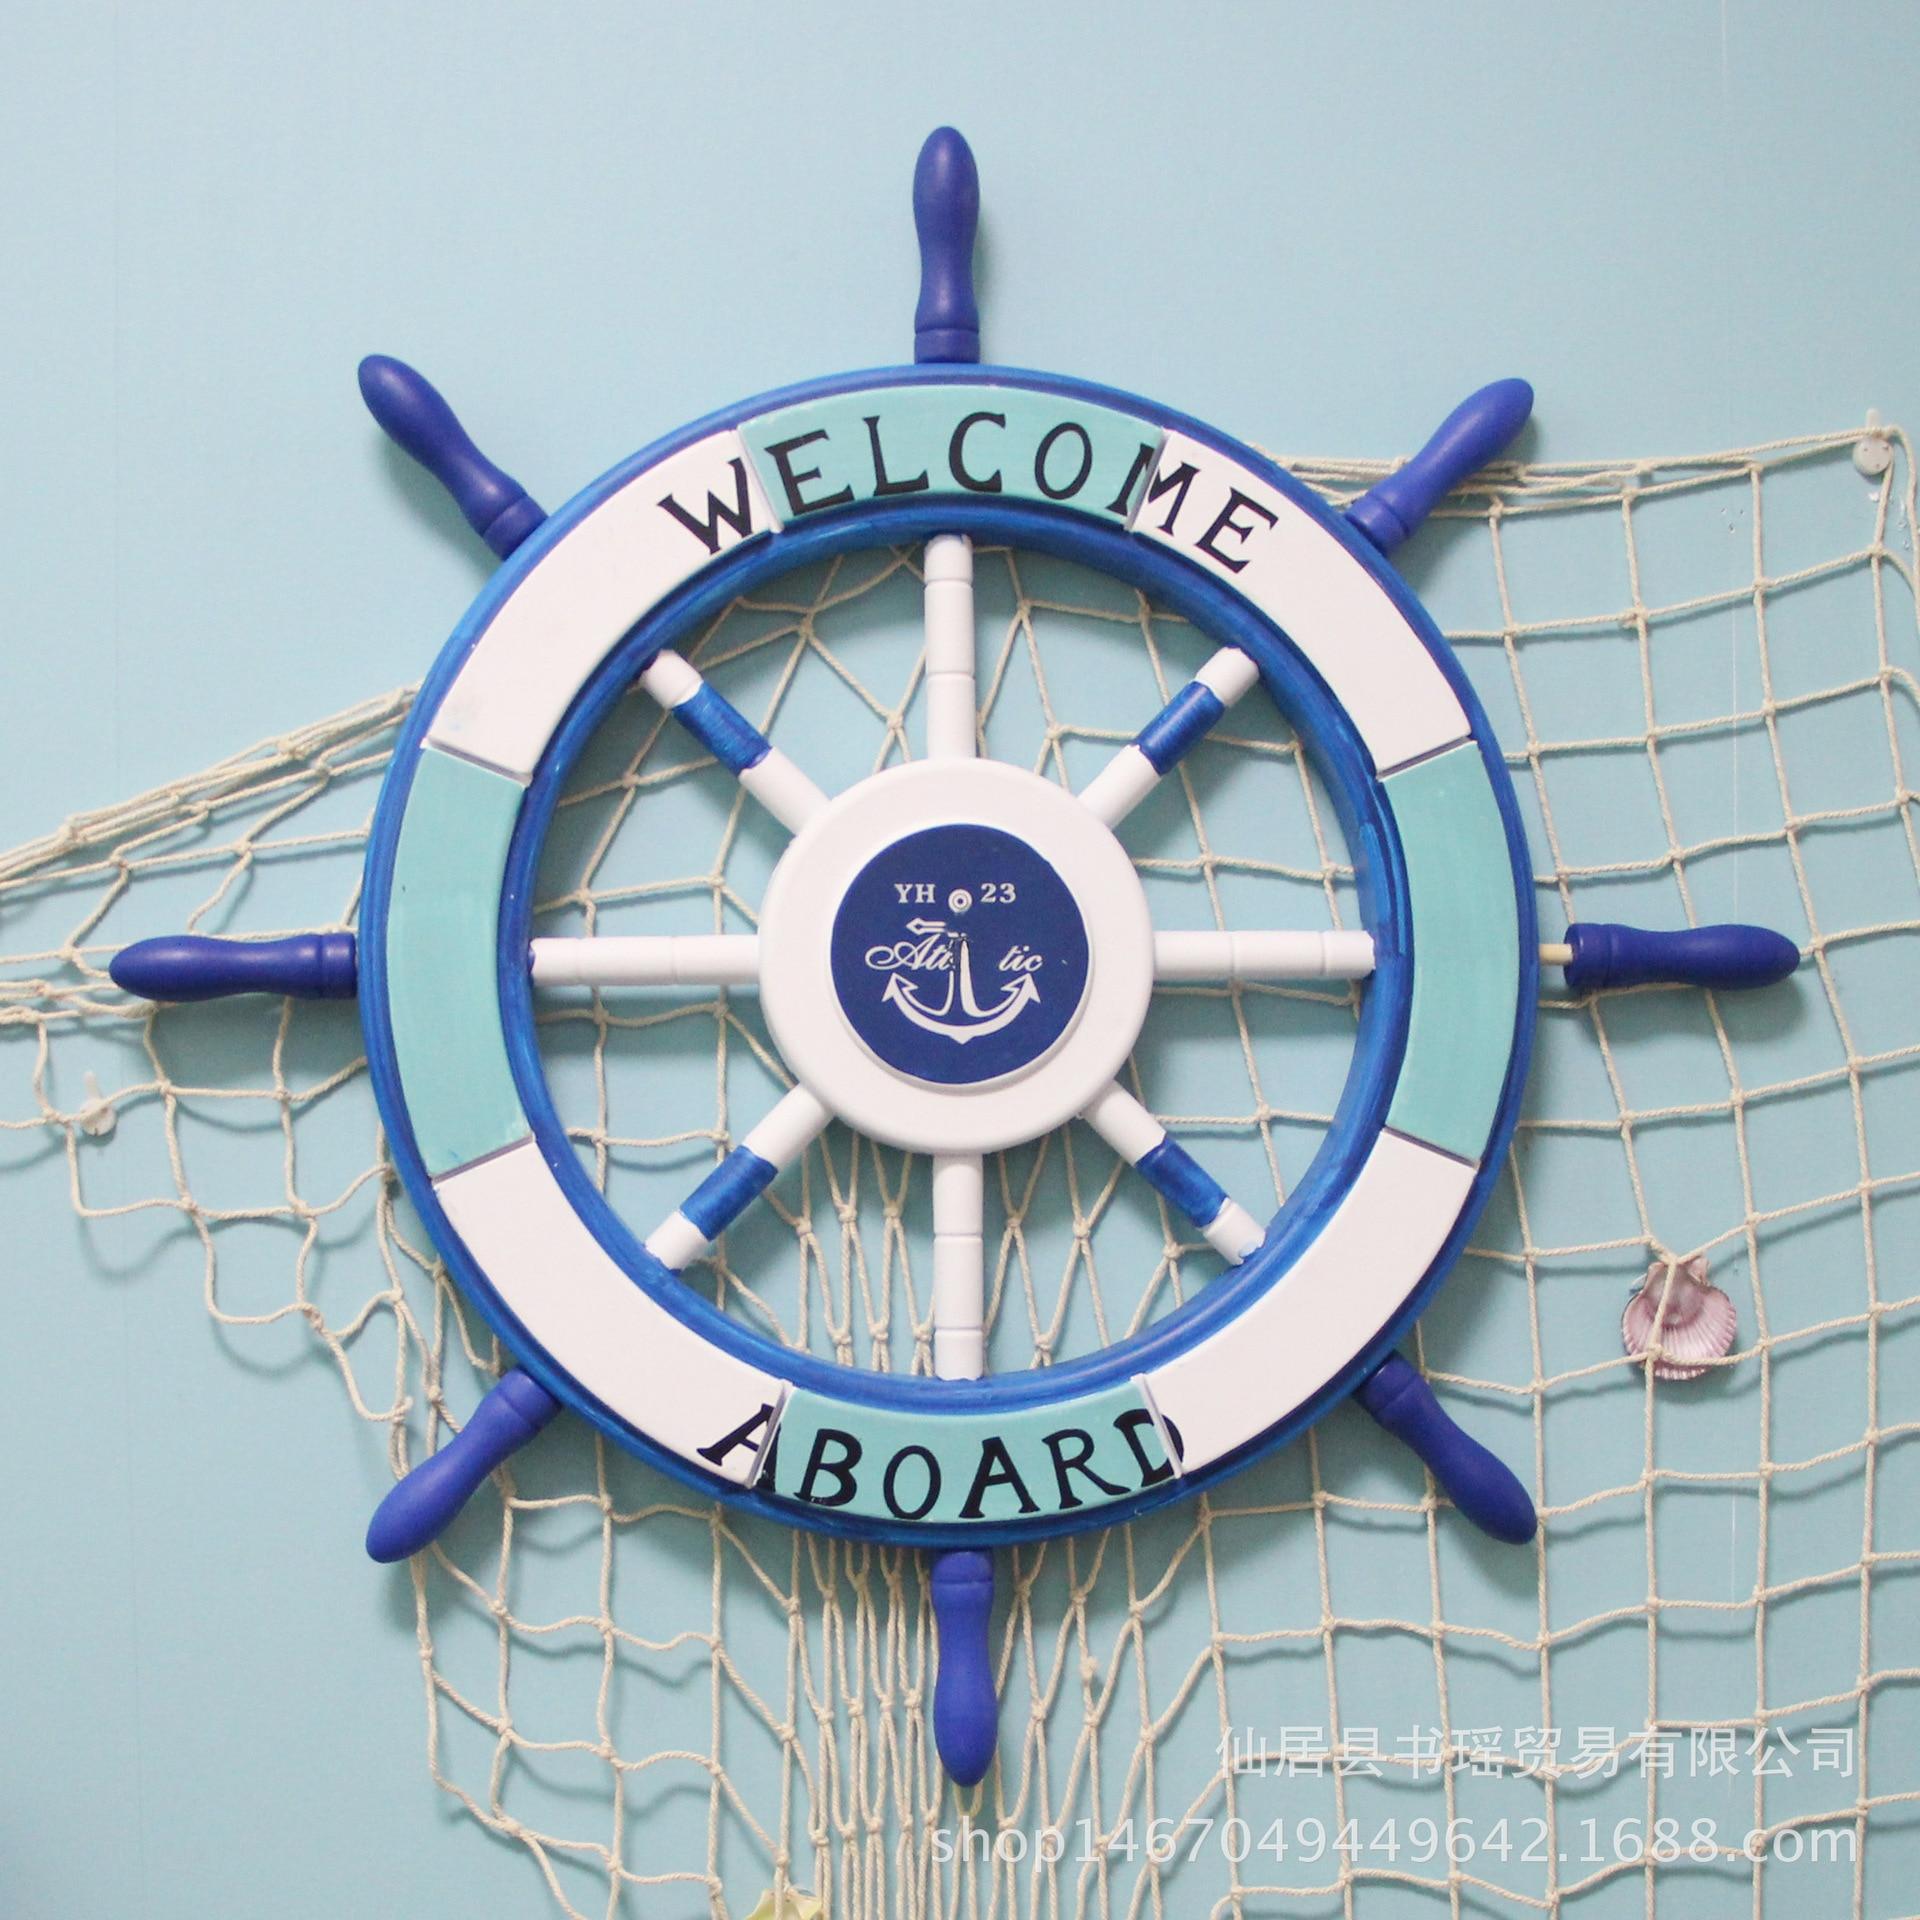 Méditerranée 62 cm navire volant volant décoration murale peut être accroché comme ancien bois massif décoration murale bois